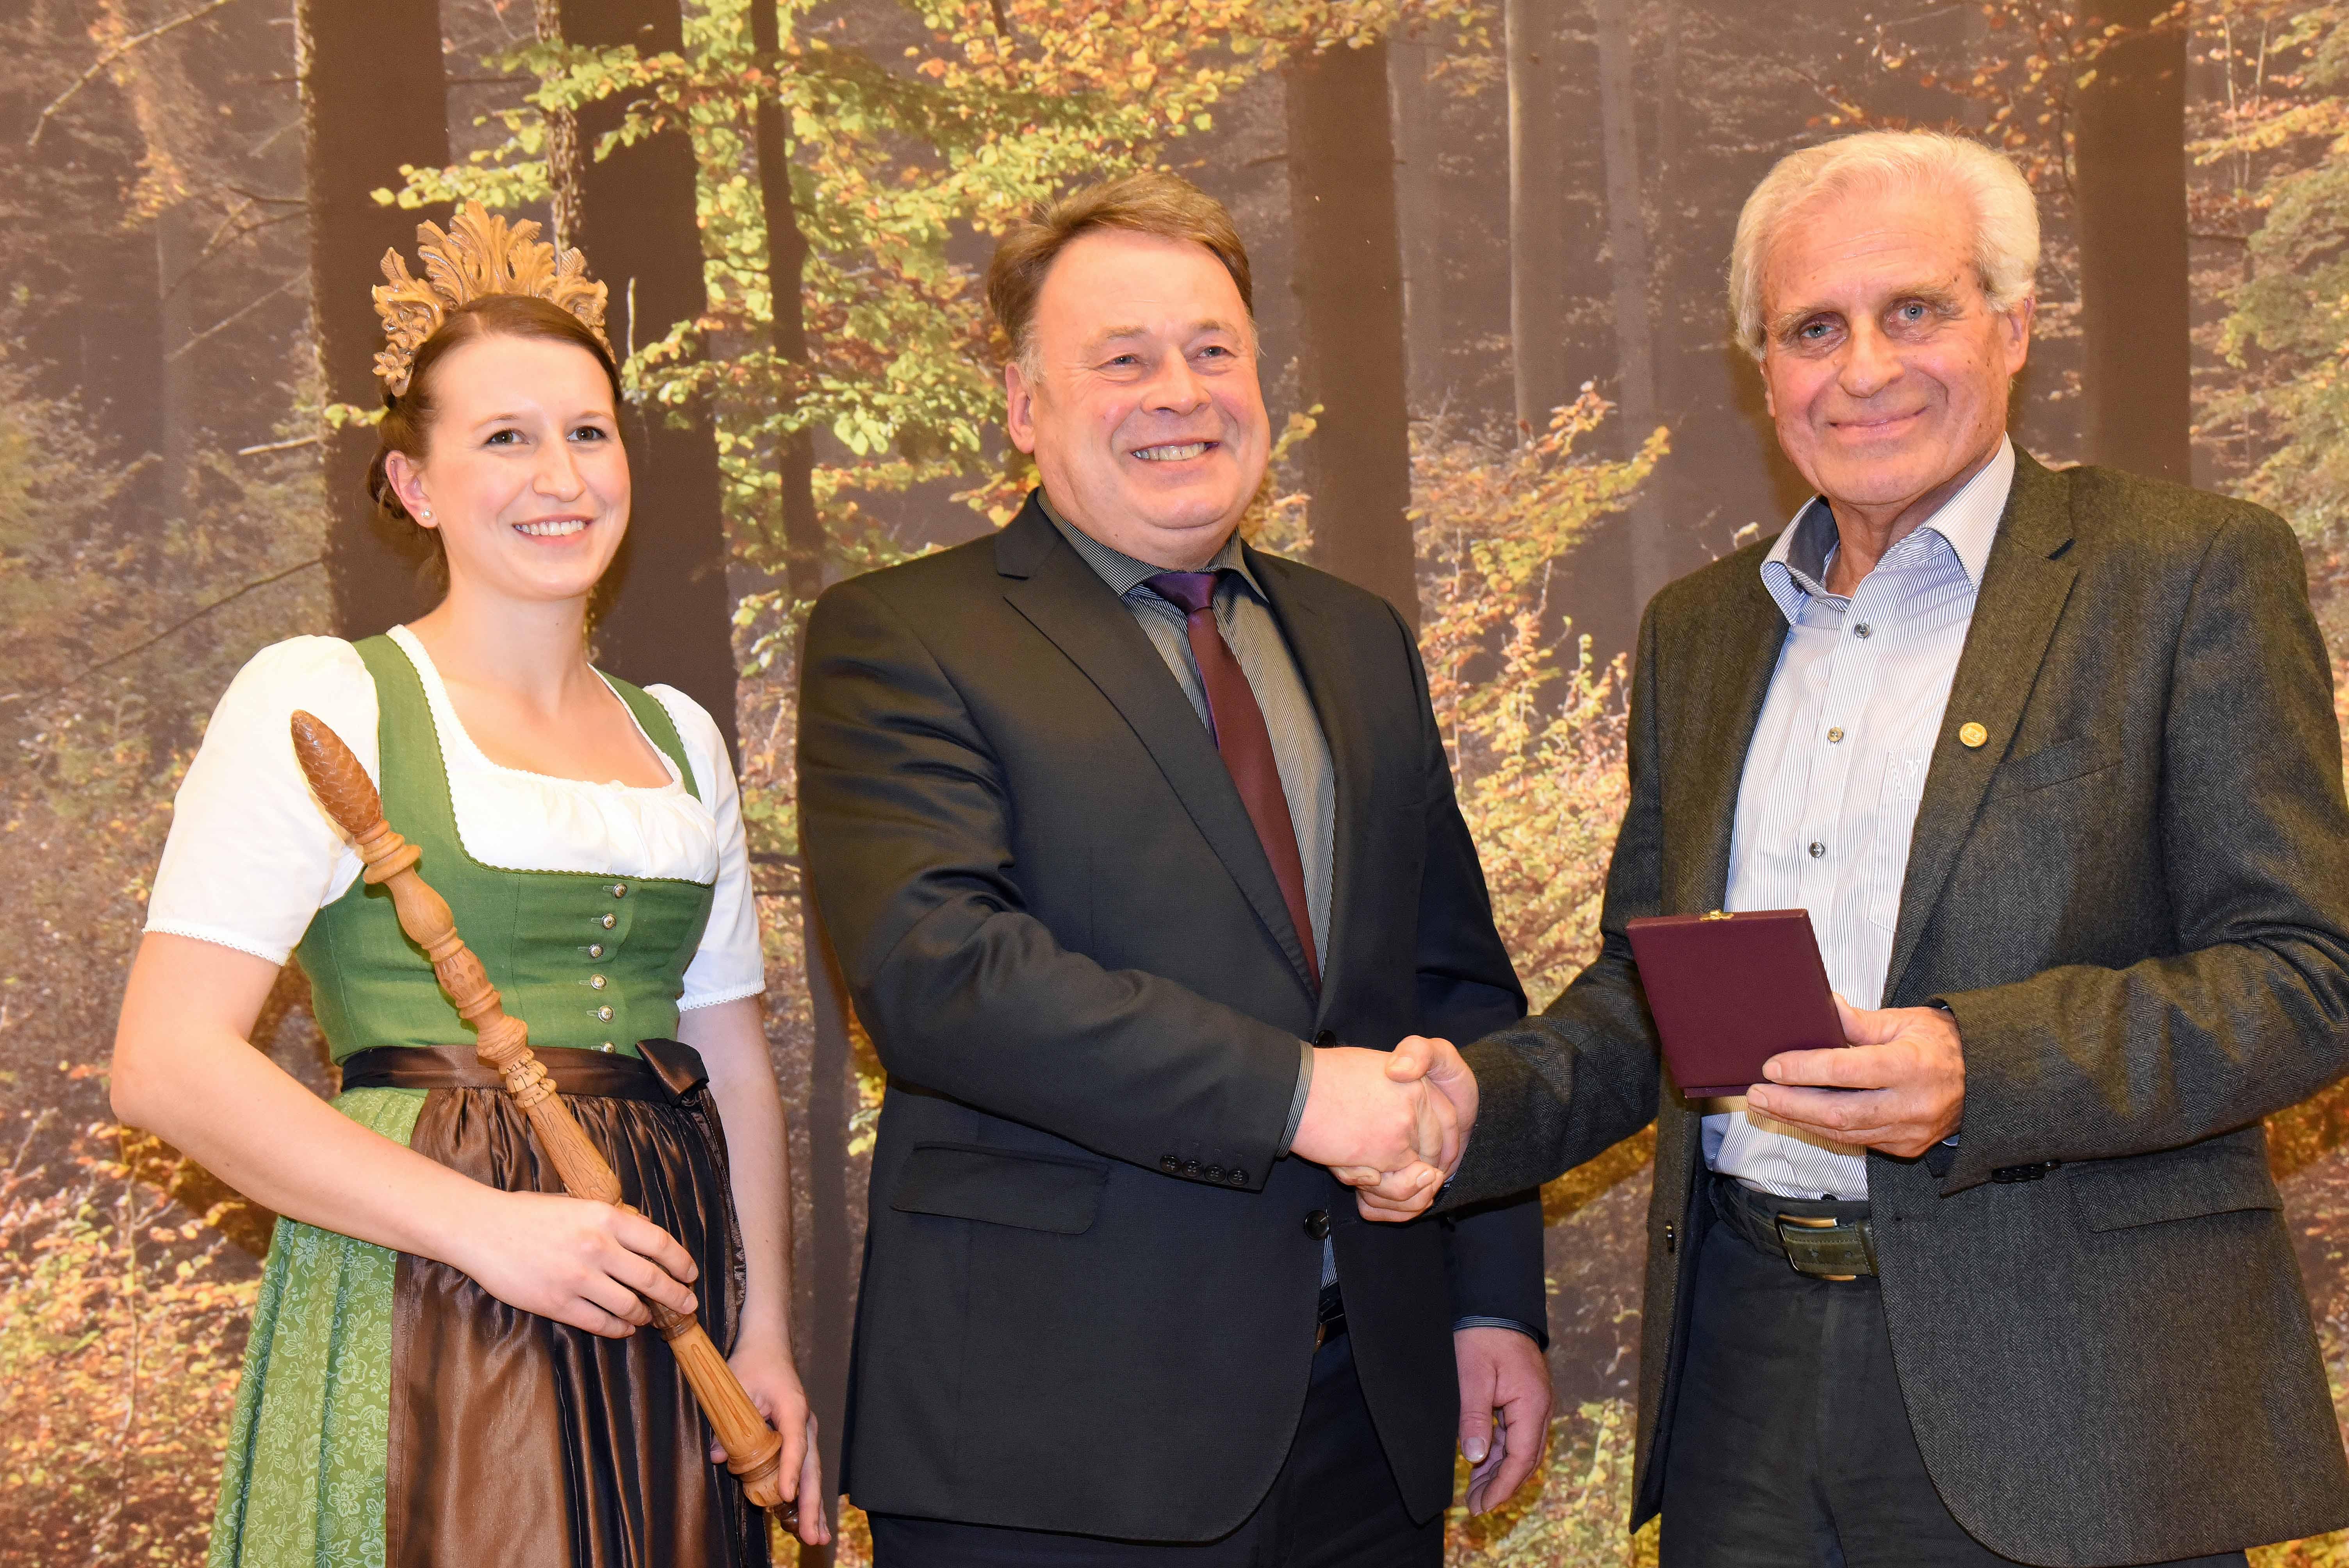 neue bayerische minister